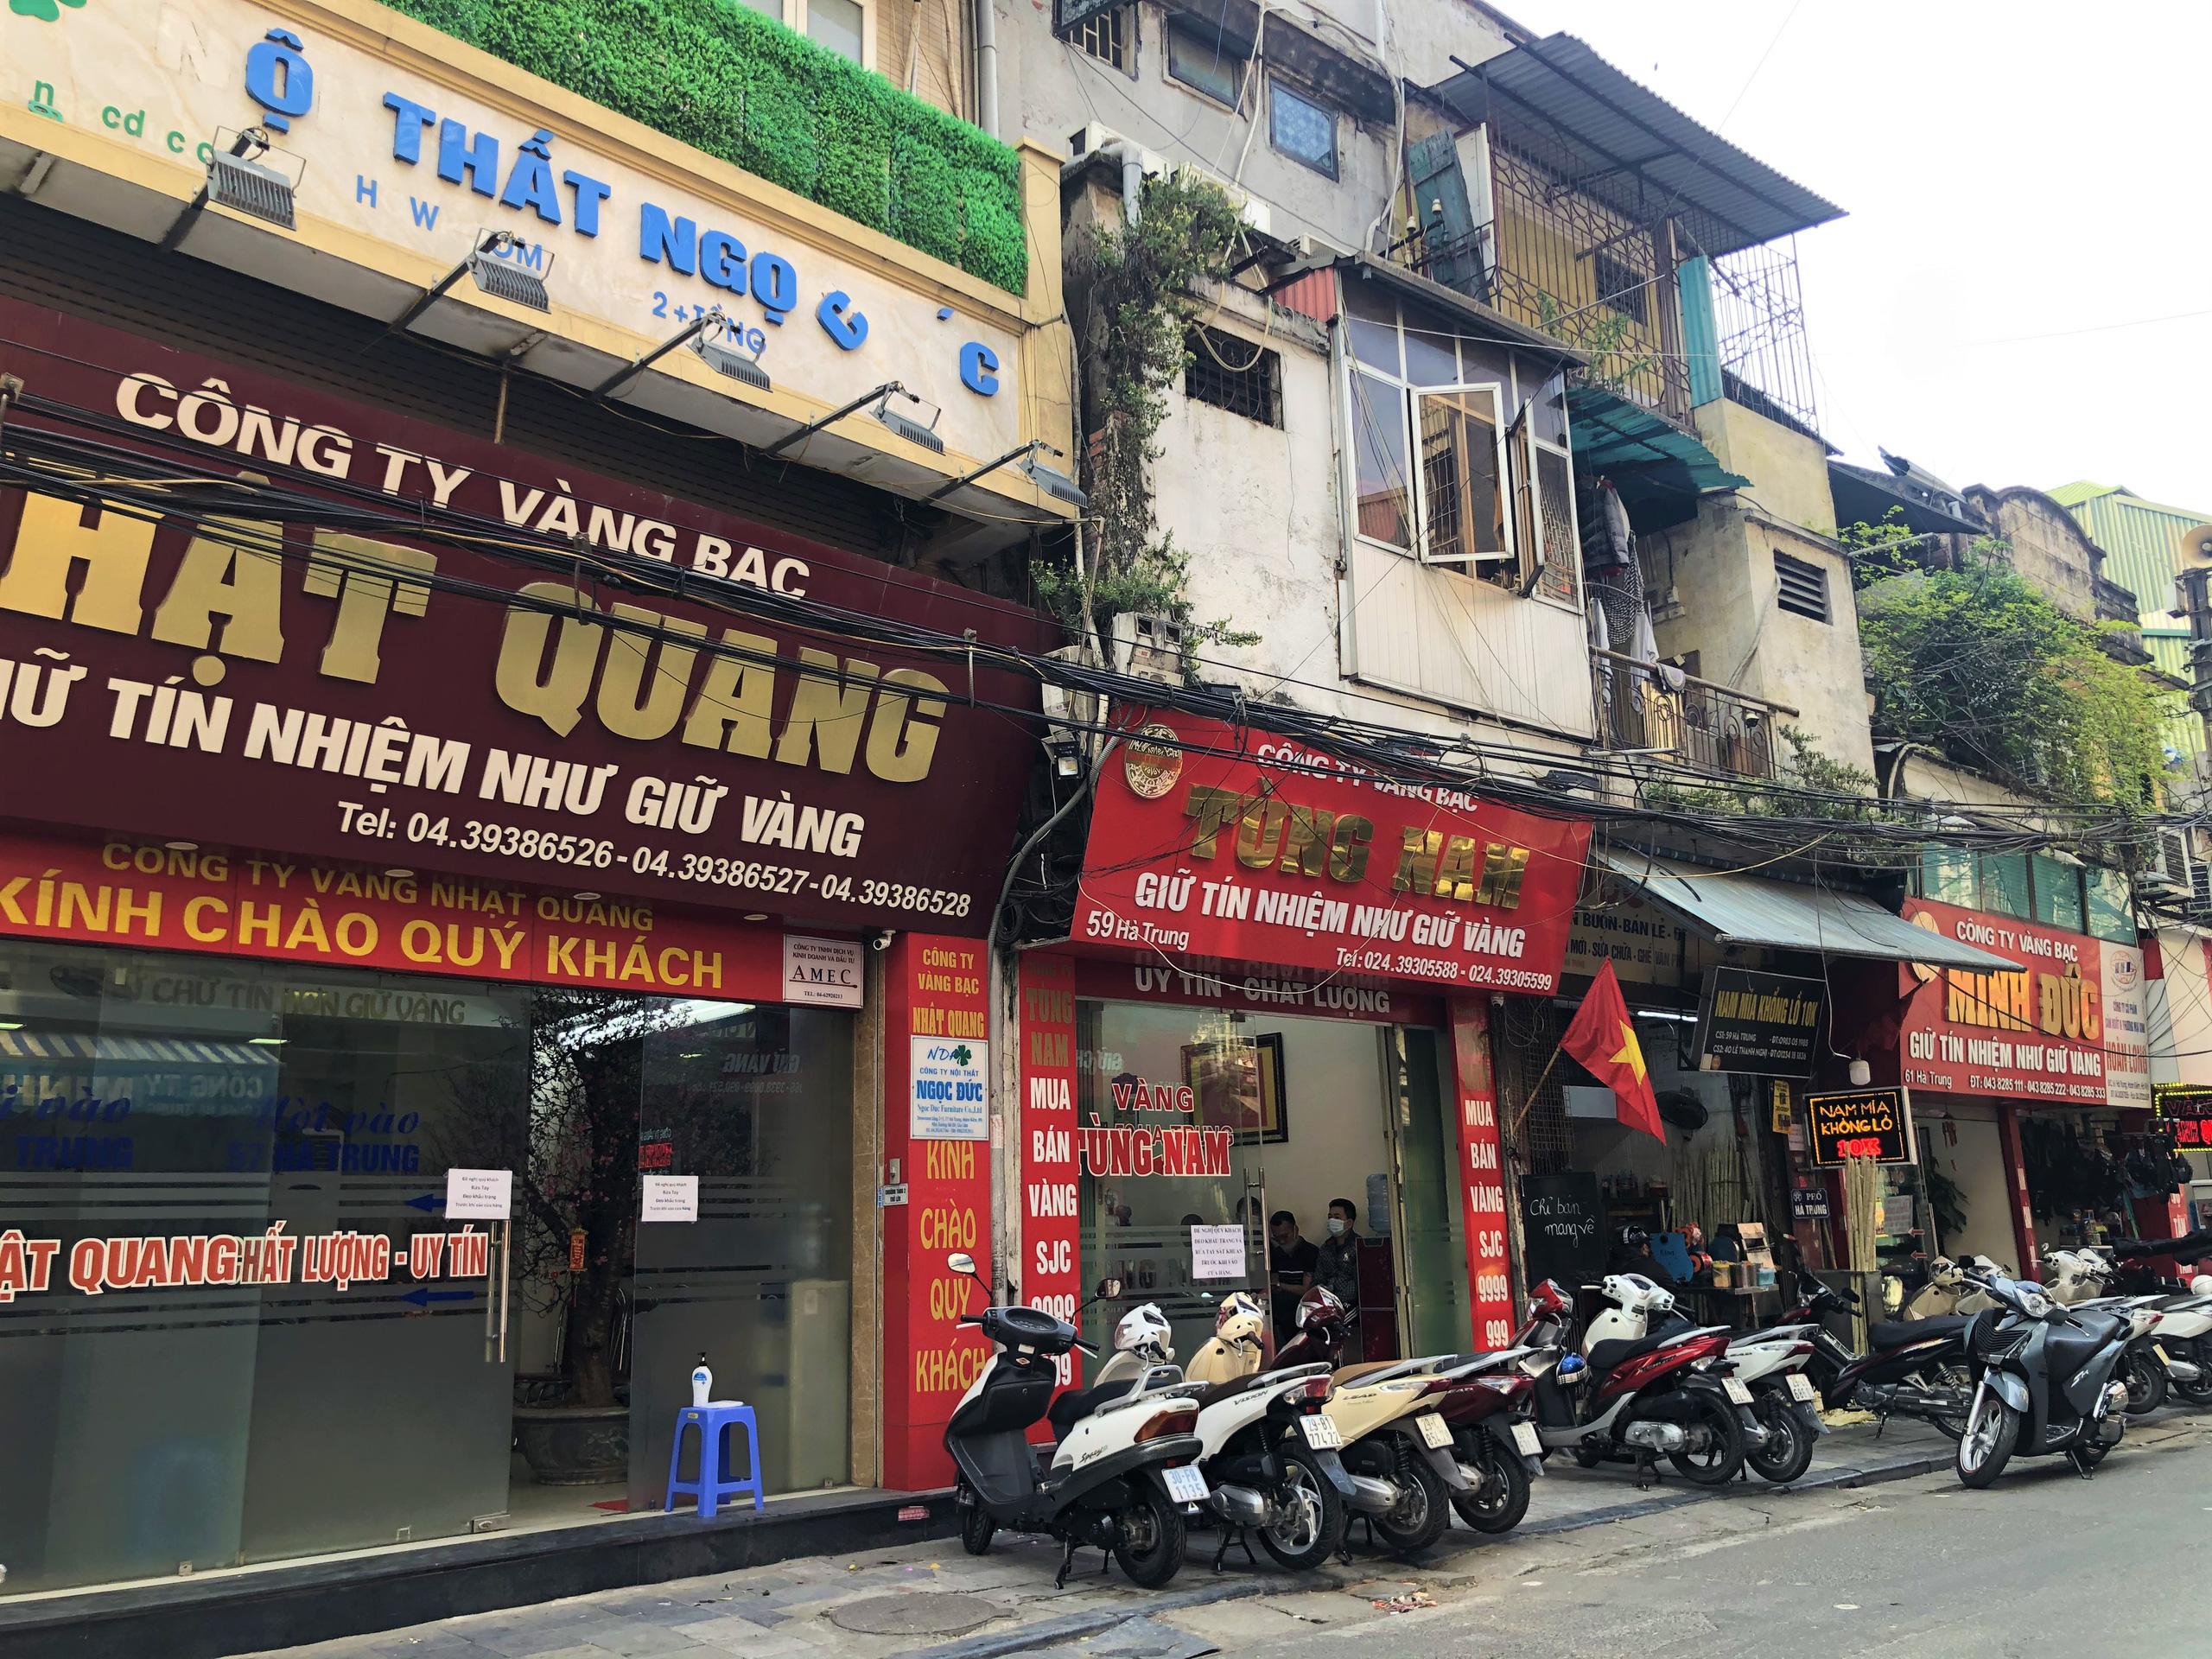 Giá đất tại những con phố bán vàng ở Hà Nội - Ảnh 2.